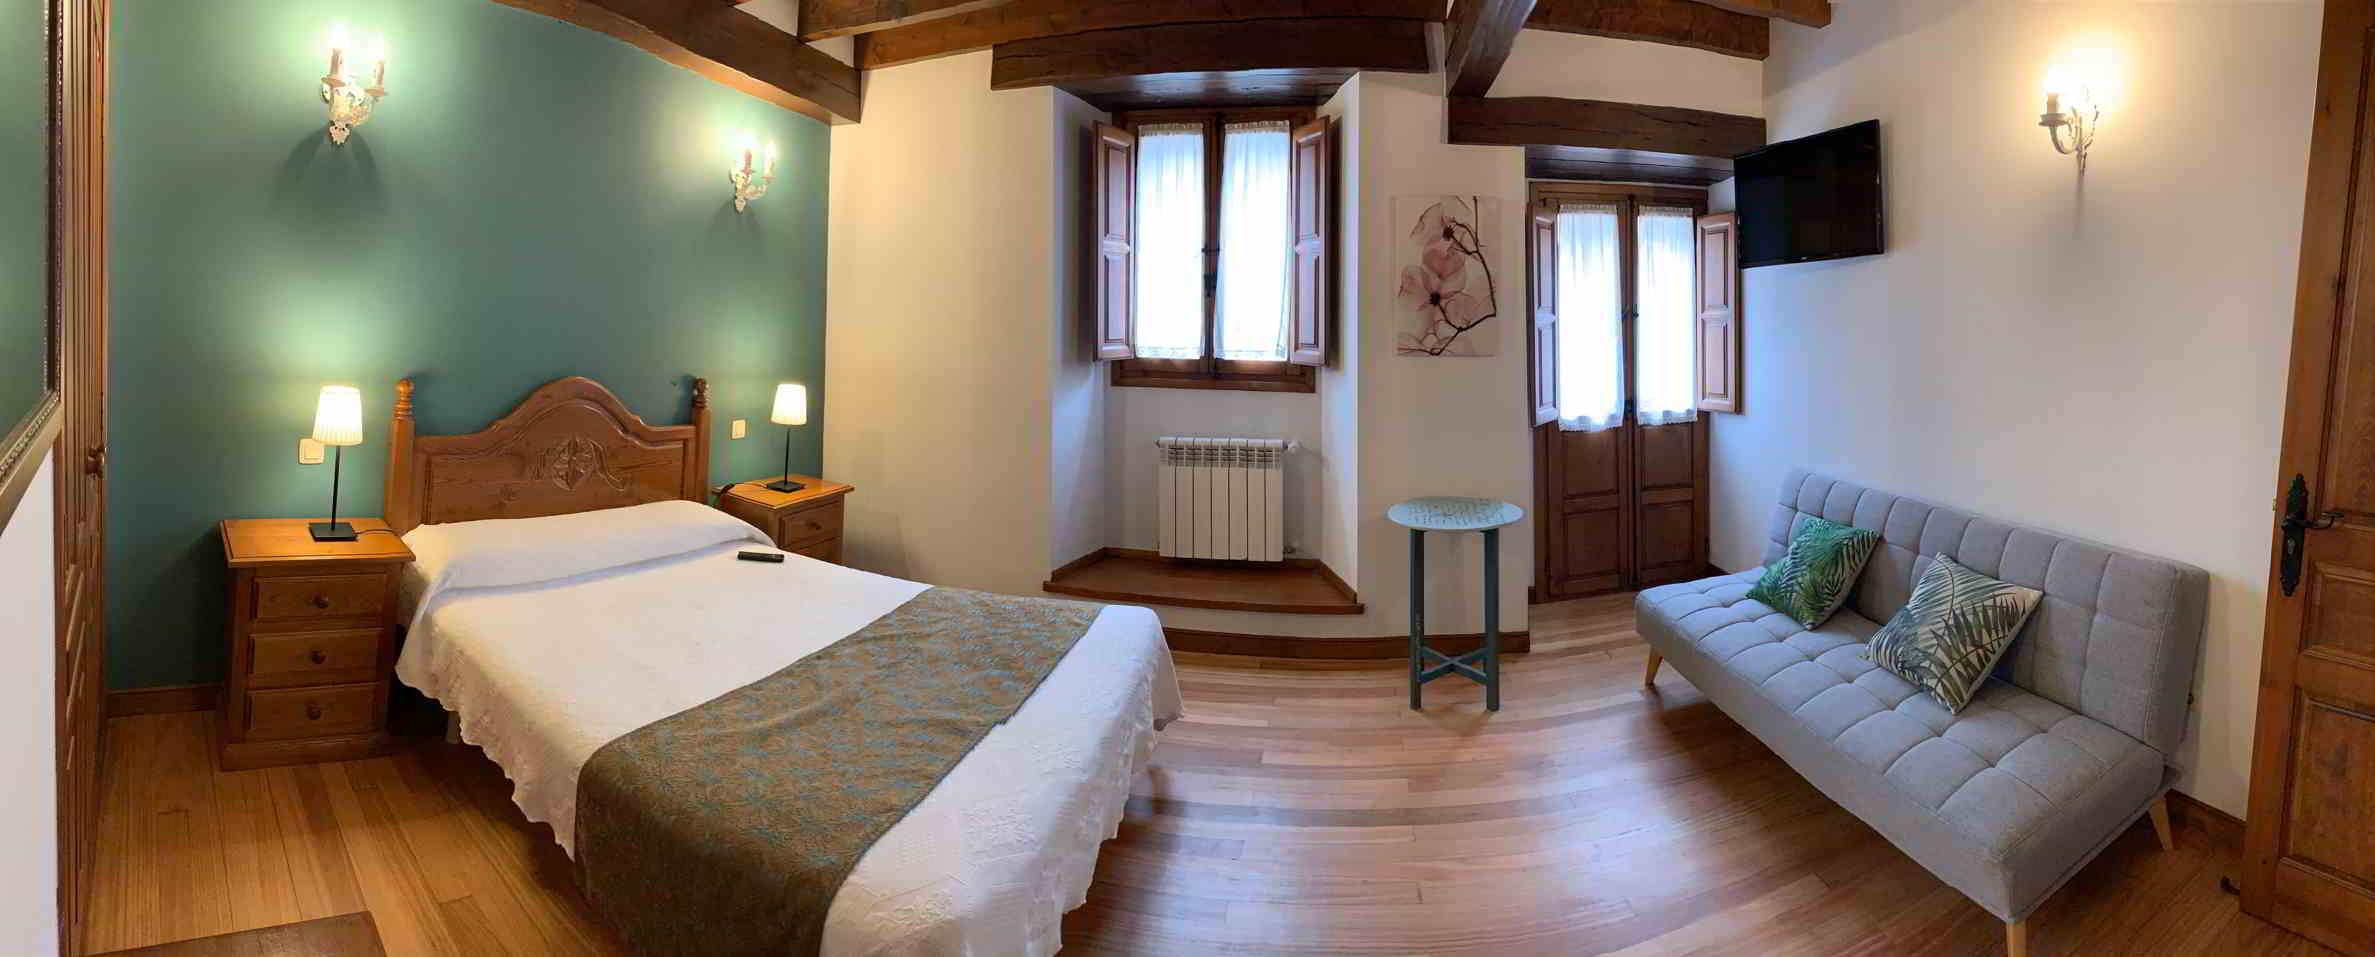 hotel_casa rural_cantabria_grupos grandes_mascotas_san vicente de la barquera_comillas_llanes (9)